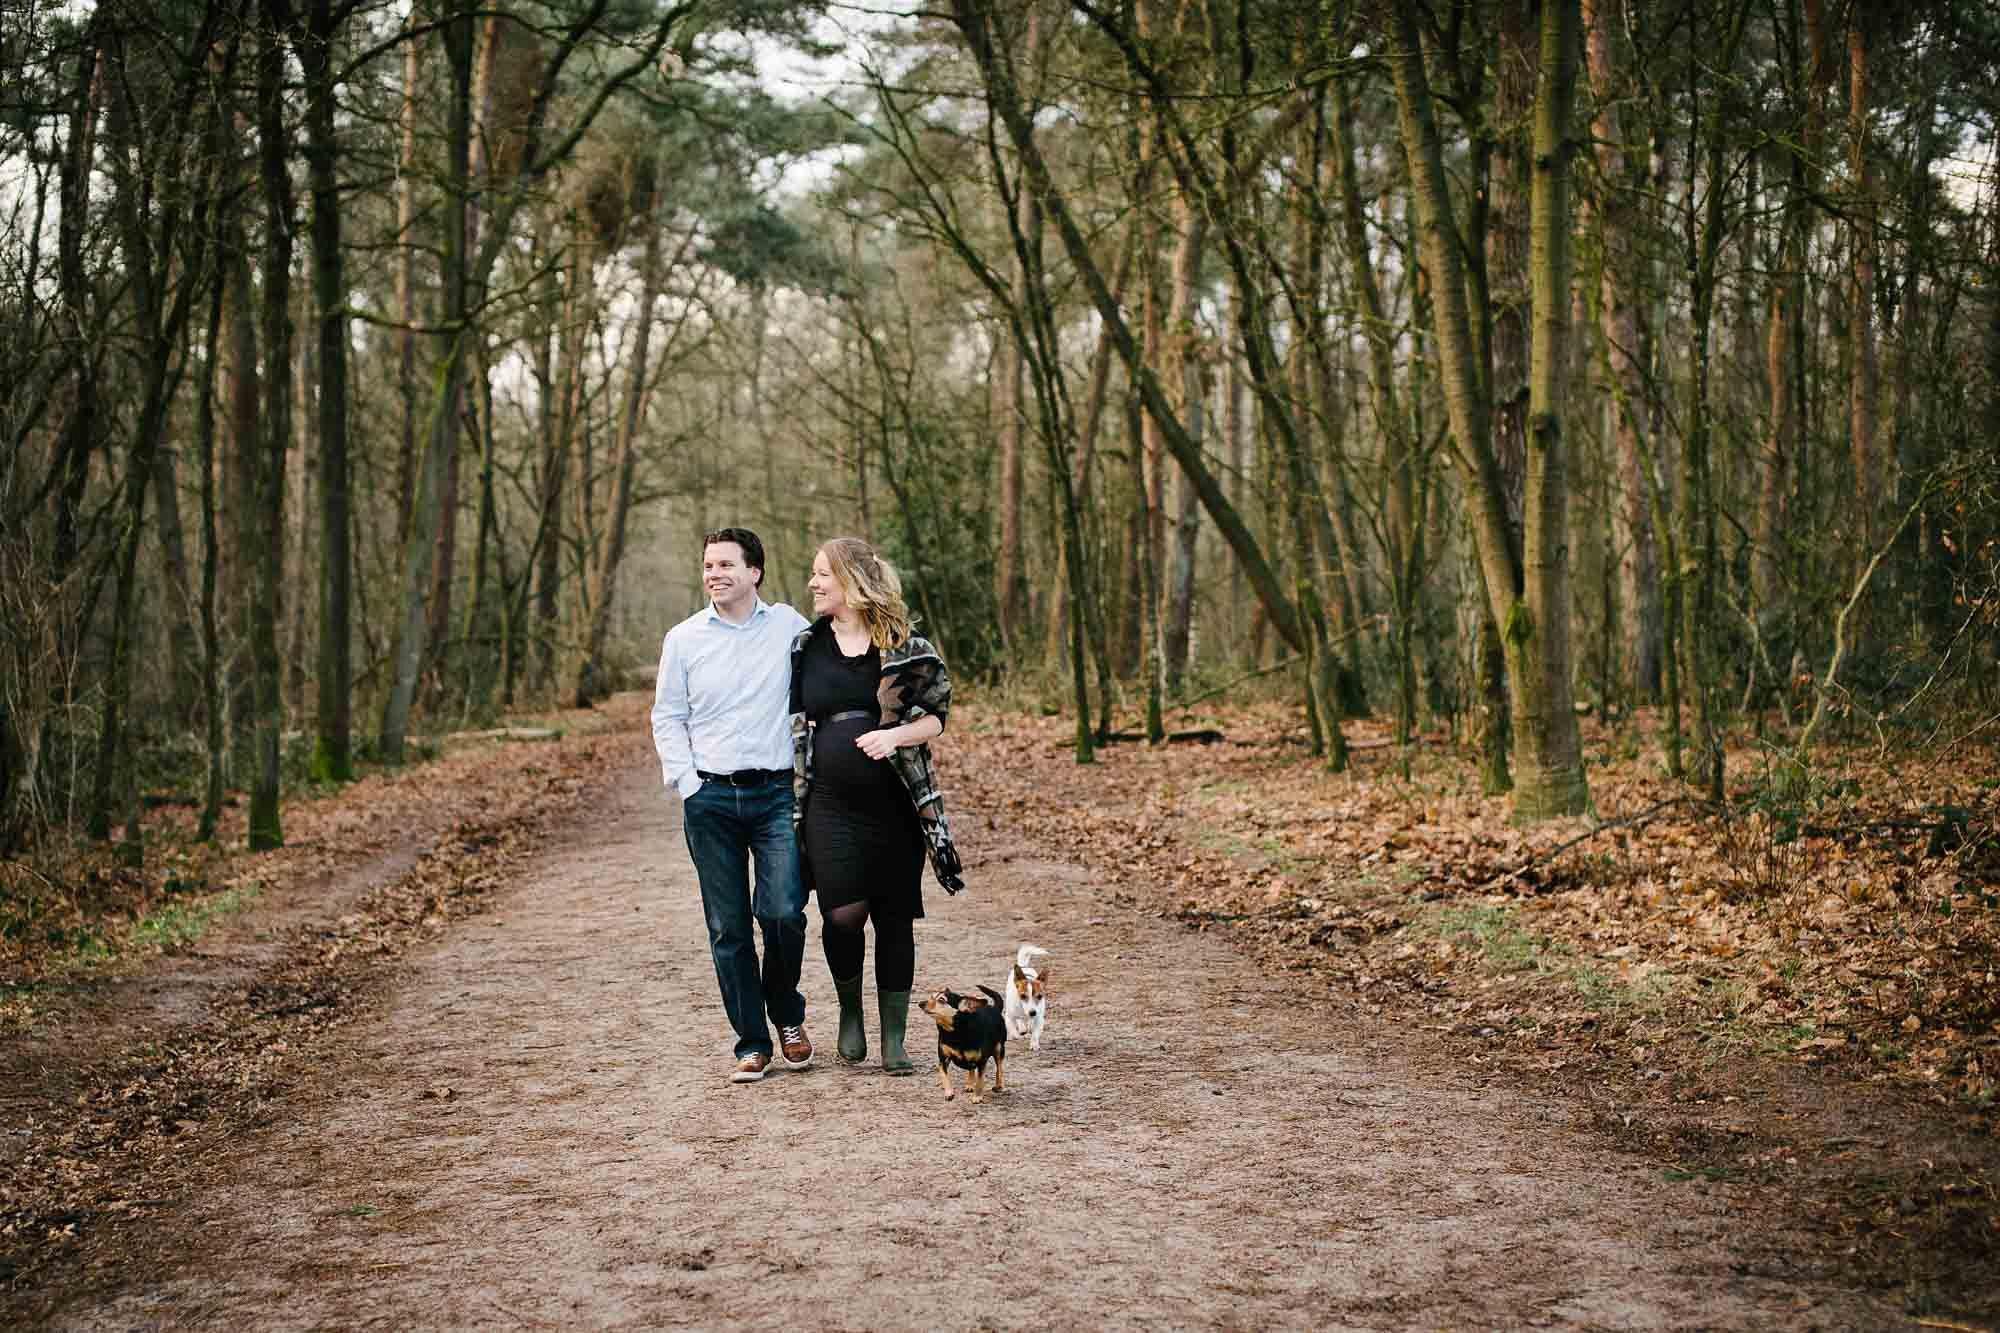 zwangerschapsfotografie Vught fotograaf zwangerschap Den Bosch fotoshoot zwanger met hond